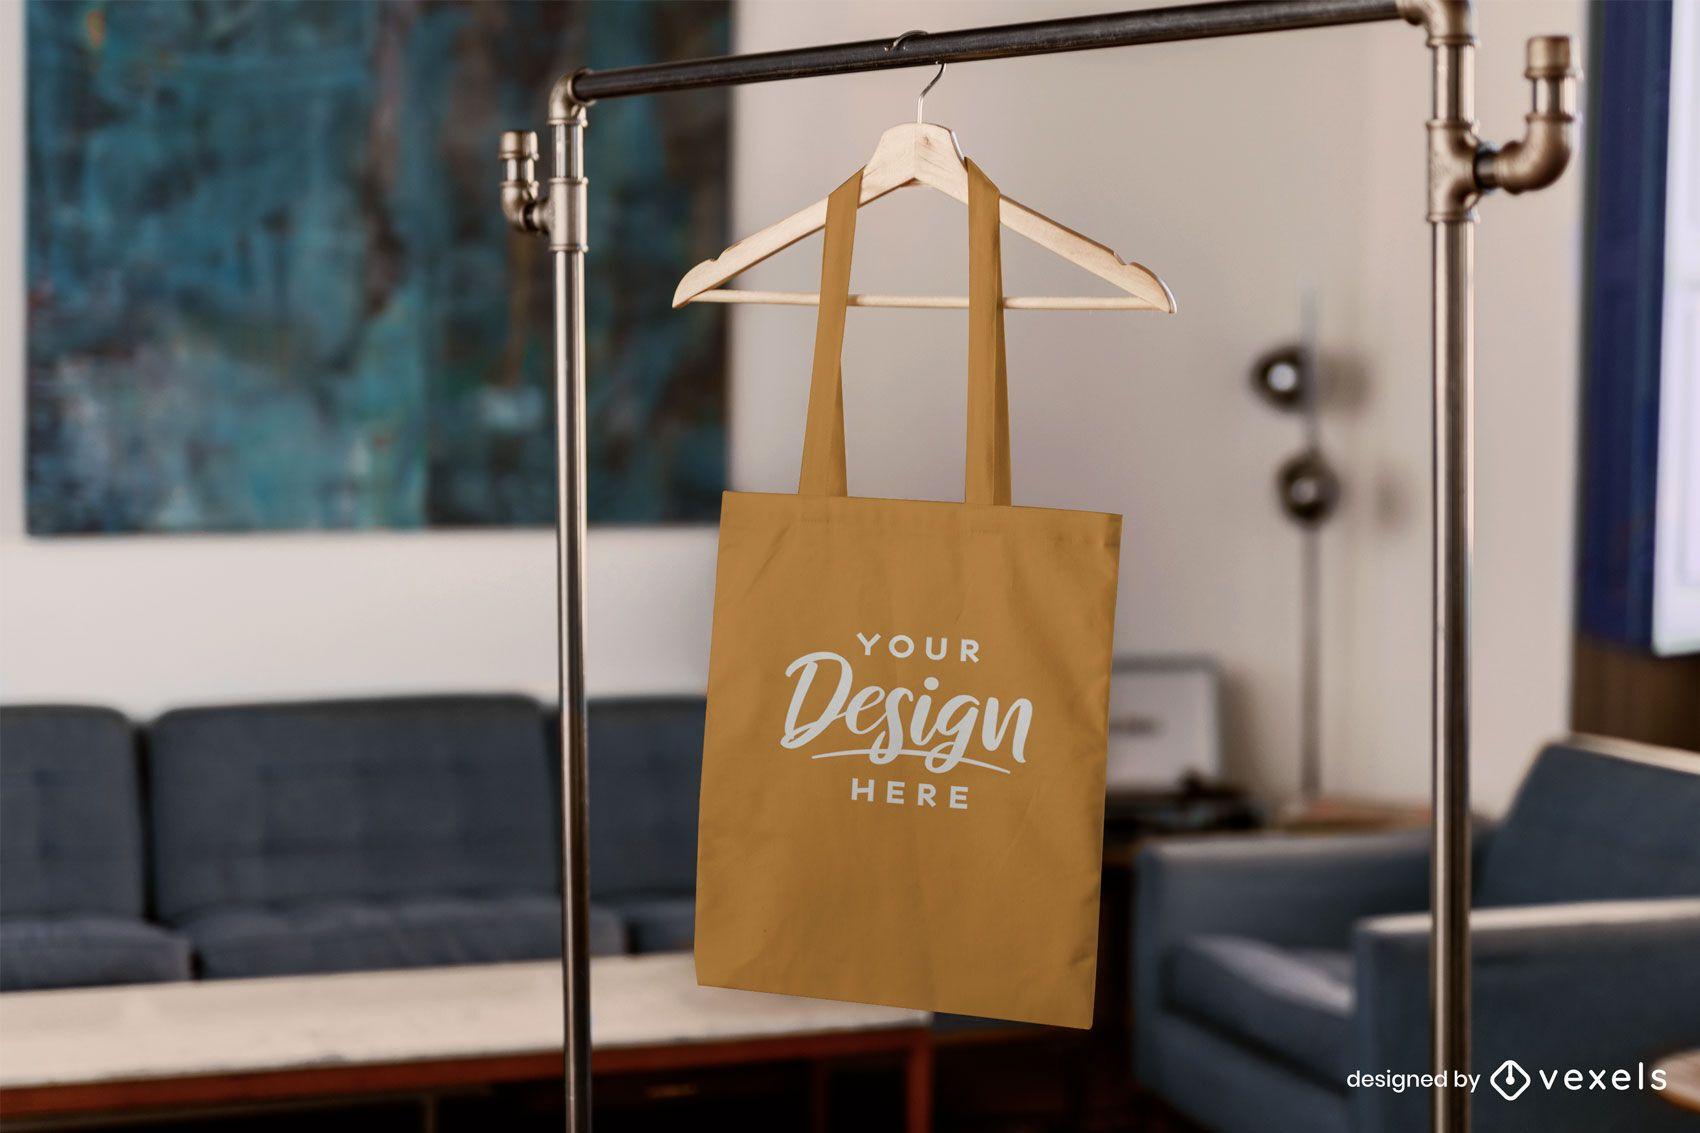 Maqueta de bolso colgando en la sala de estar